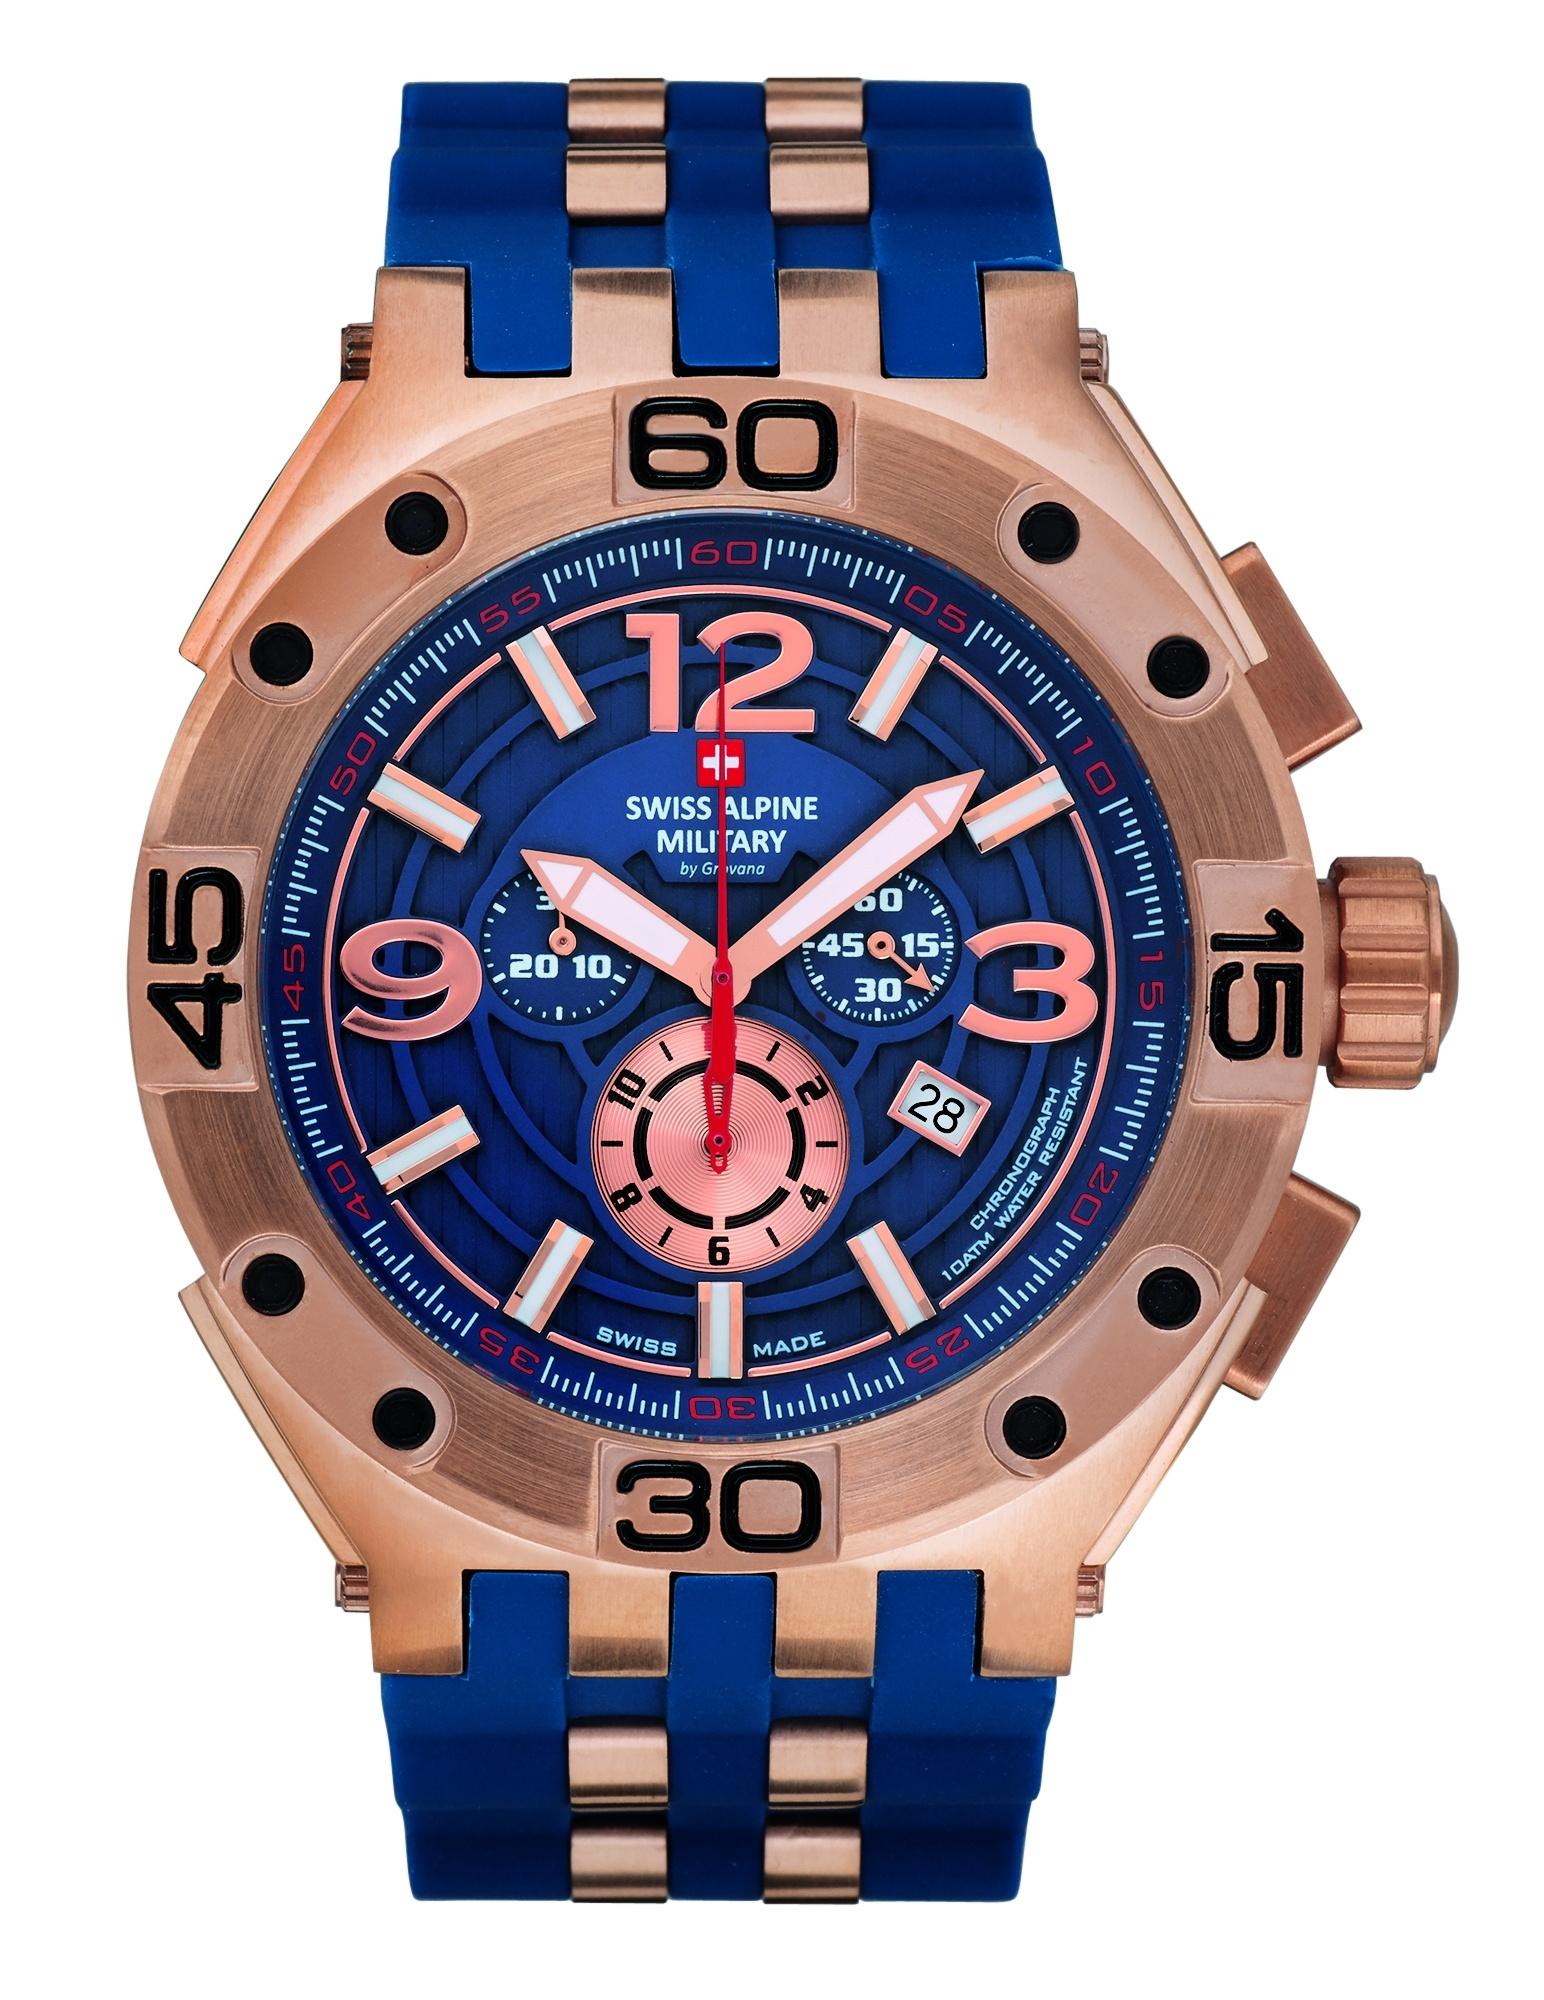 Dit zijn echt grote TW Steel horloges Swiss Alpine Military 7032.9865